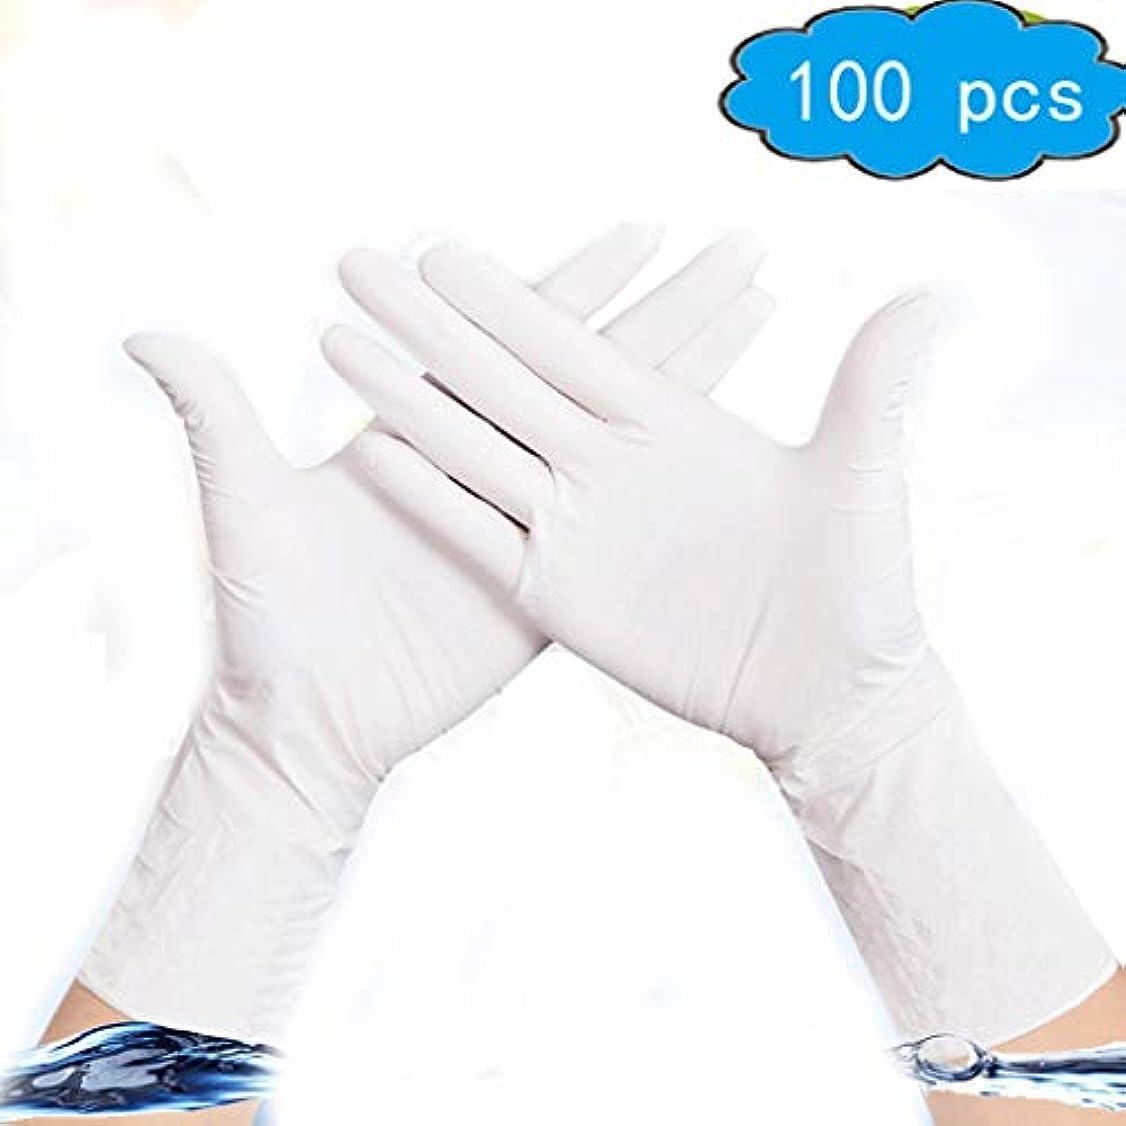 終点一一族使い捨てニトリル手袋、無粉末、滑らかな肌触り、食品グレード、非滅菌[100パック]、サニタリー手袋、家庭用品、ツール&ホームインプルーブメント (Color : White, Size : XS)